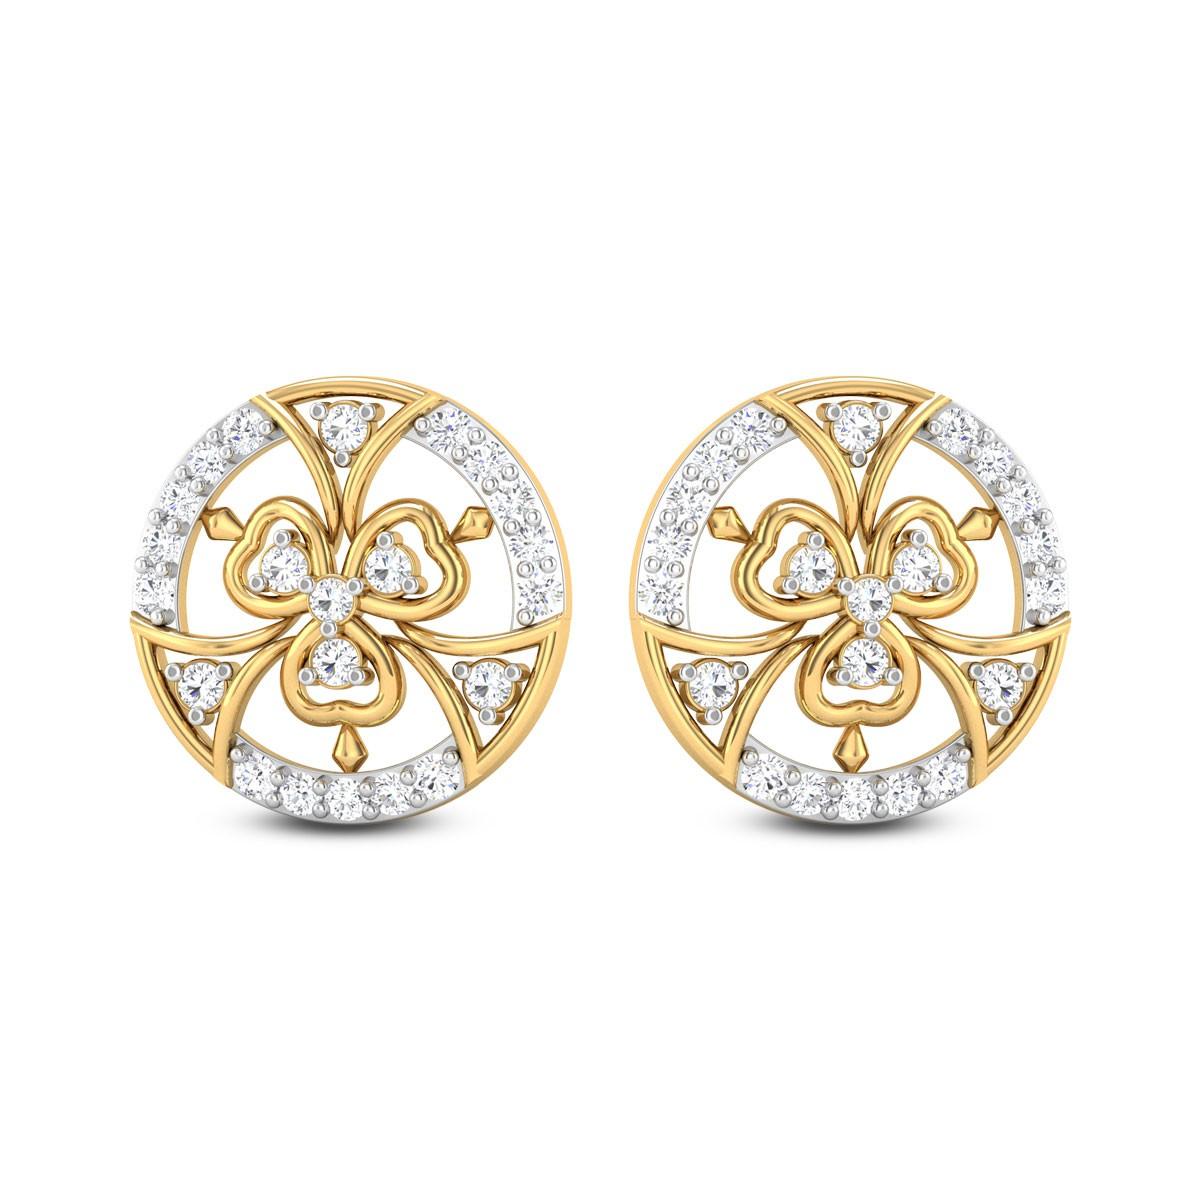 Yani Diamond Stud Earrings